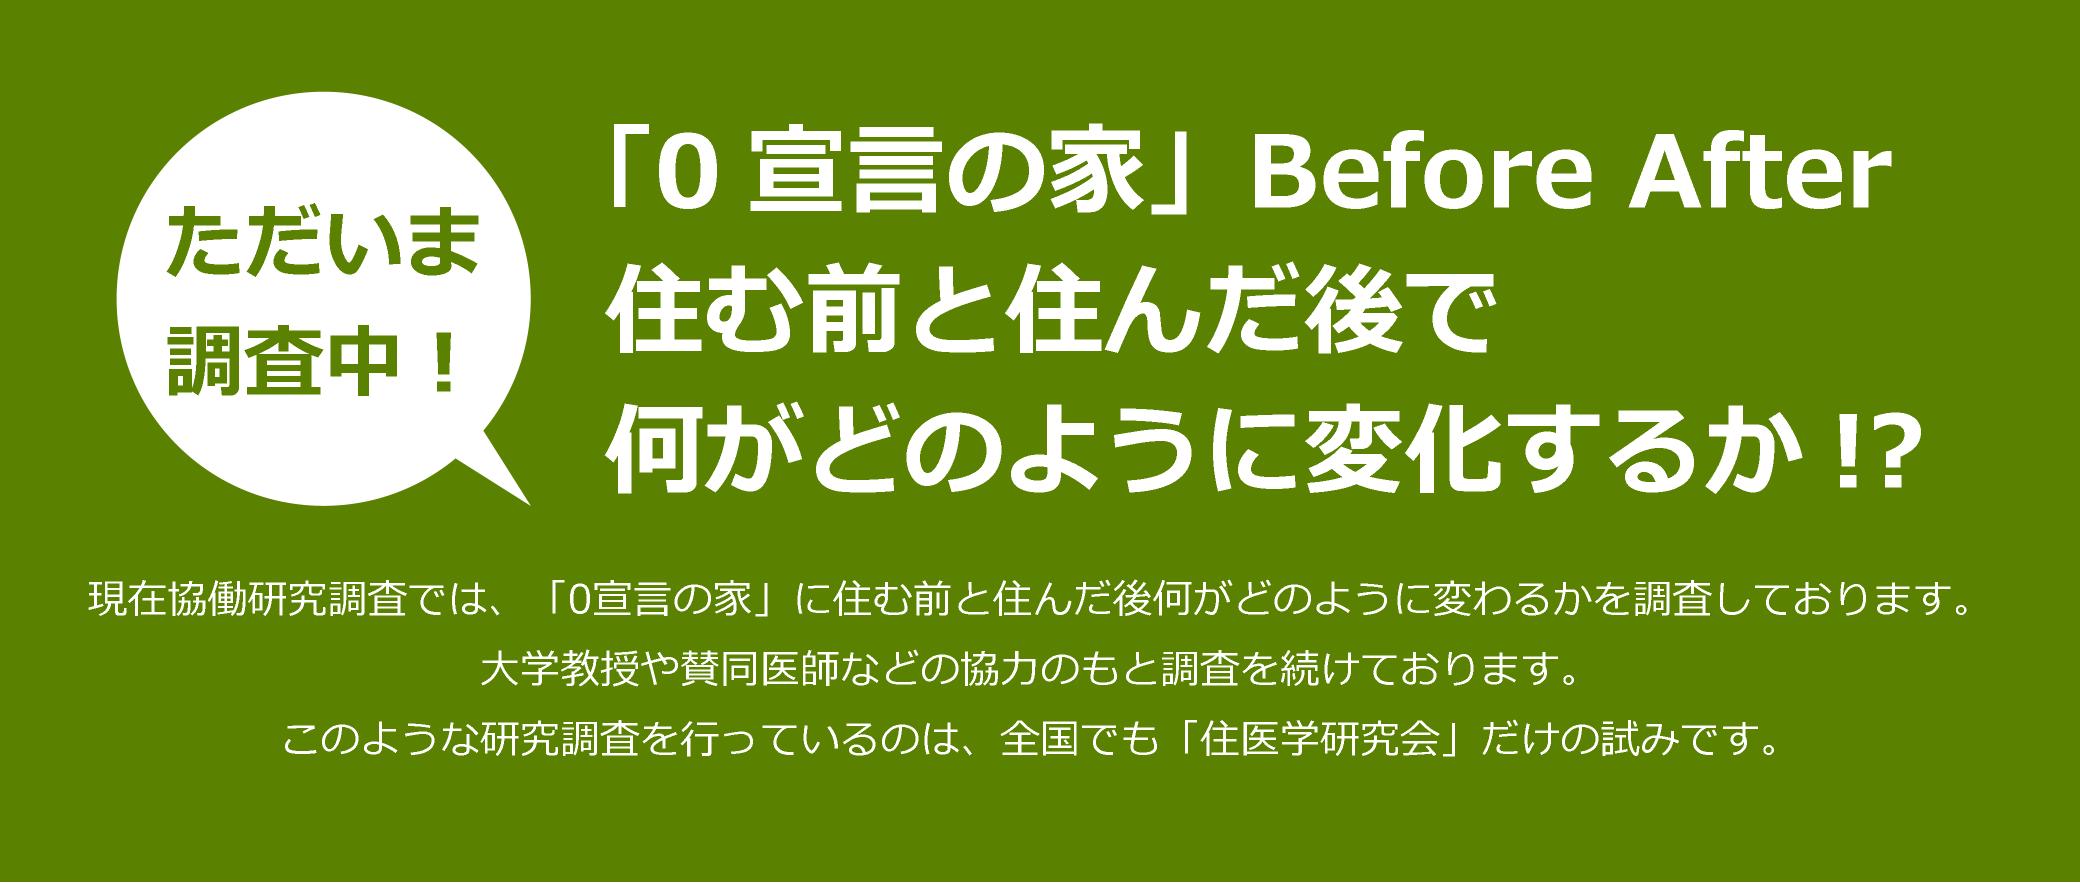 「0宣言の家」Before After|住む前と住んだ後で何がどのように変化するか!?